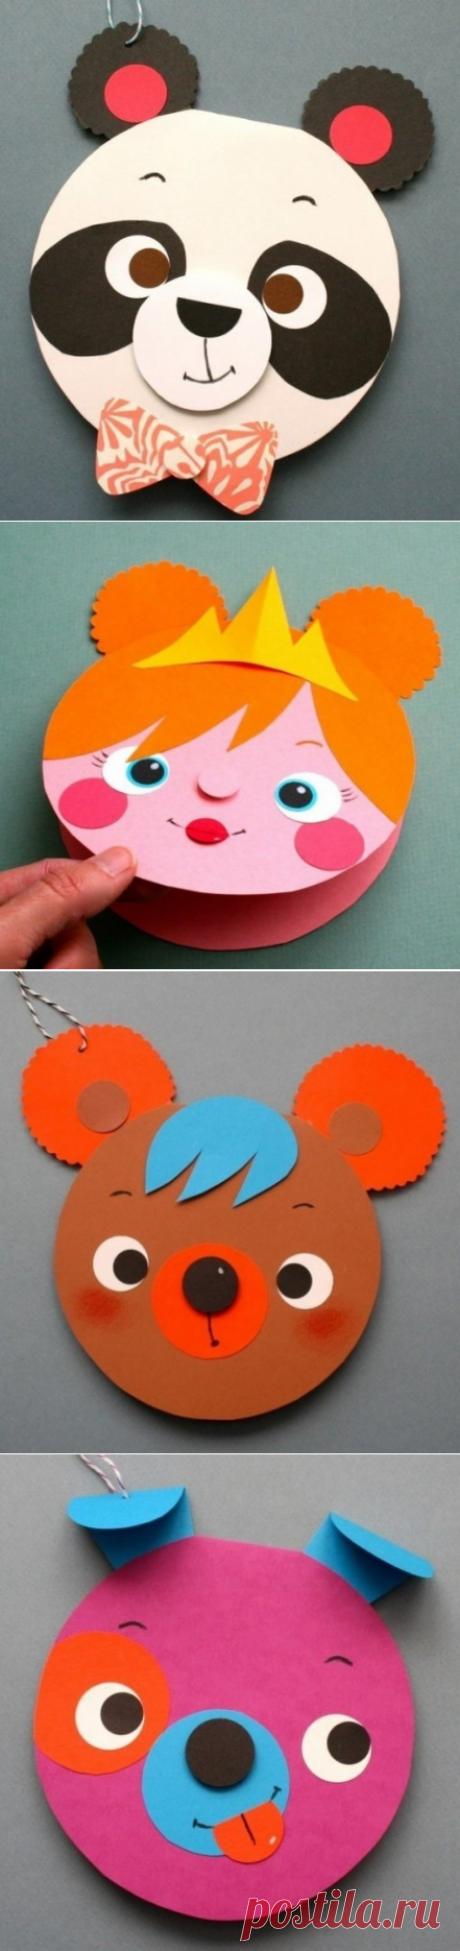 Мастерим открытки вместе с детьми - Поделки с детьми | Деткиподелки